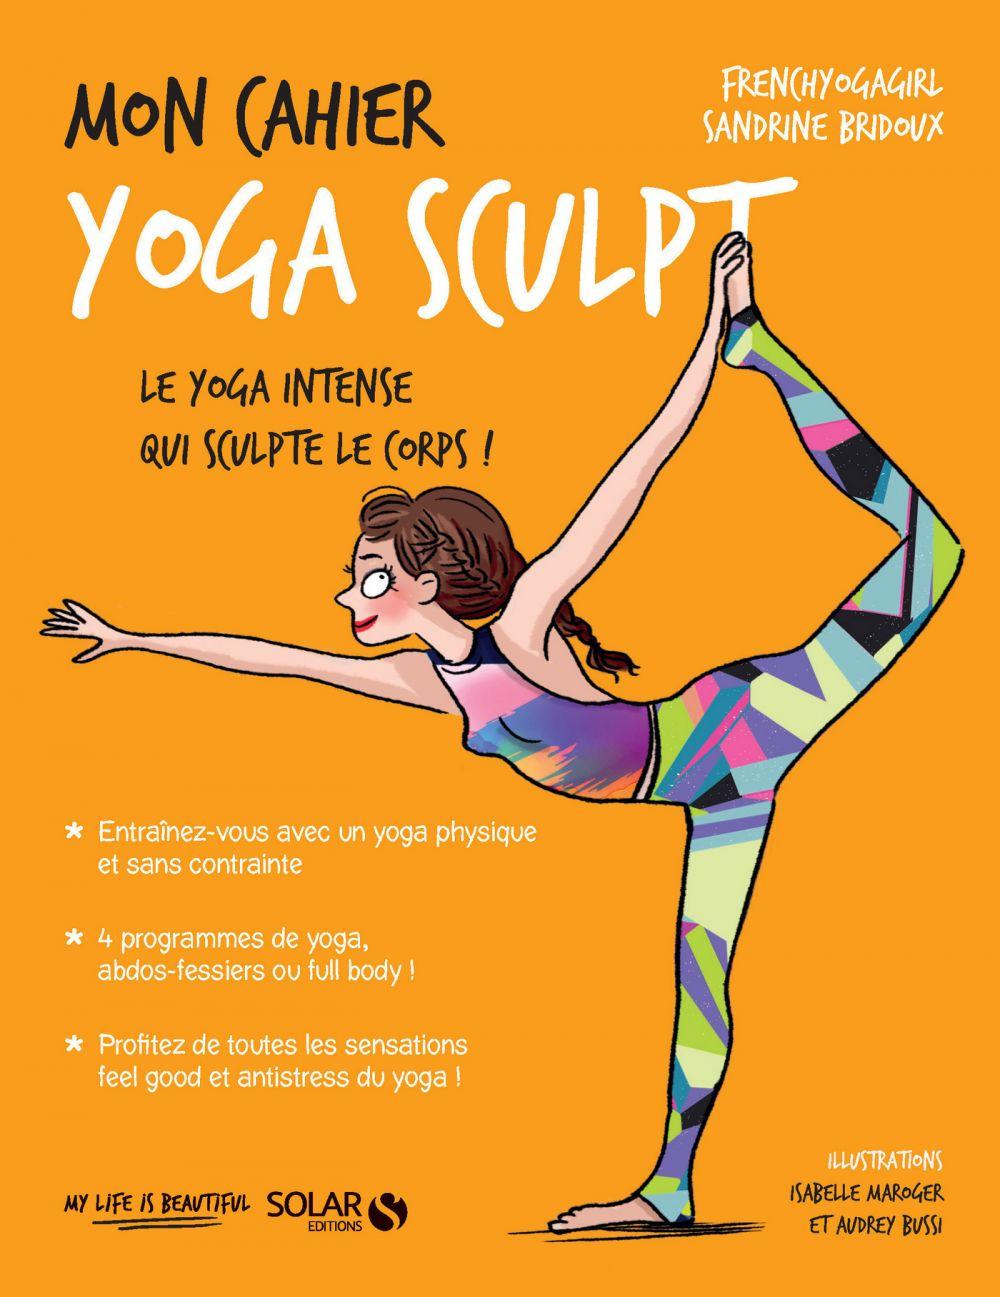 Mon cahier Yoga sculpt |